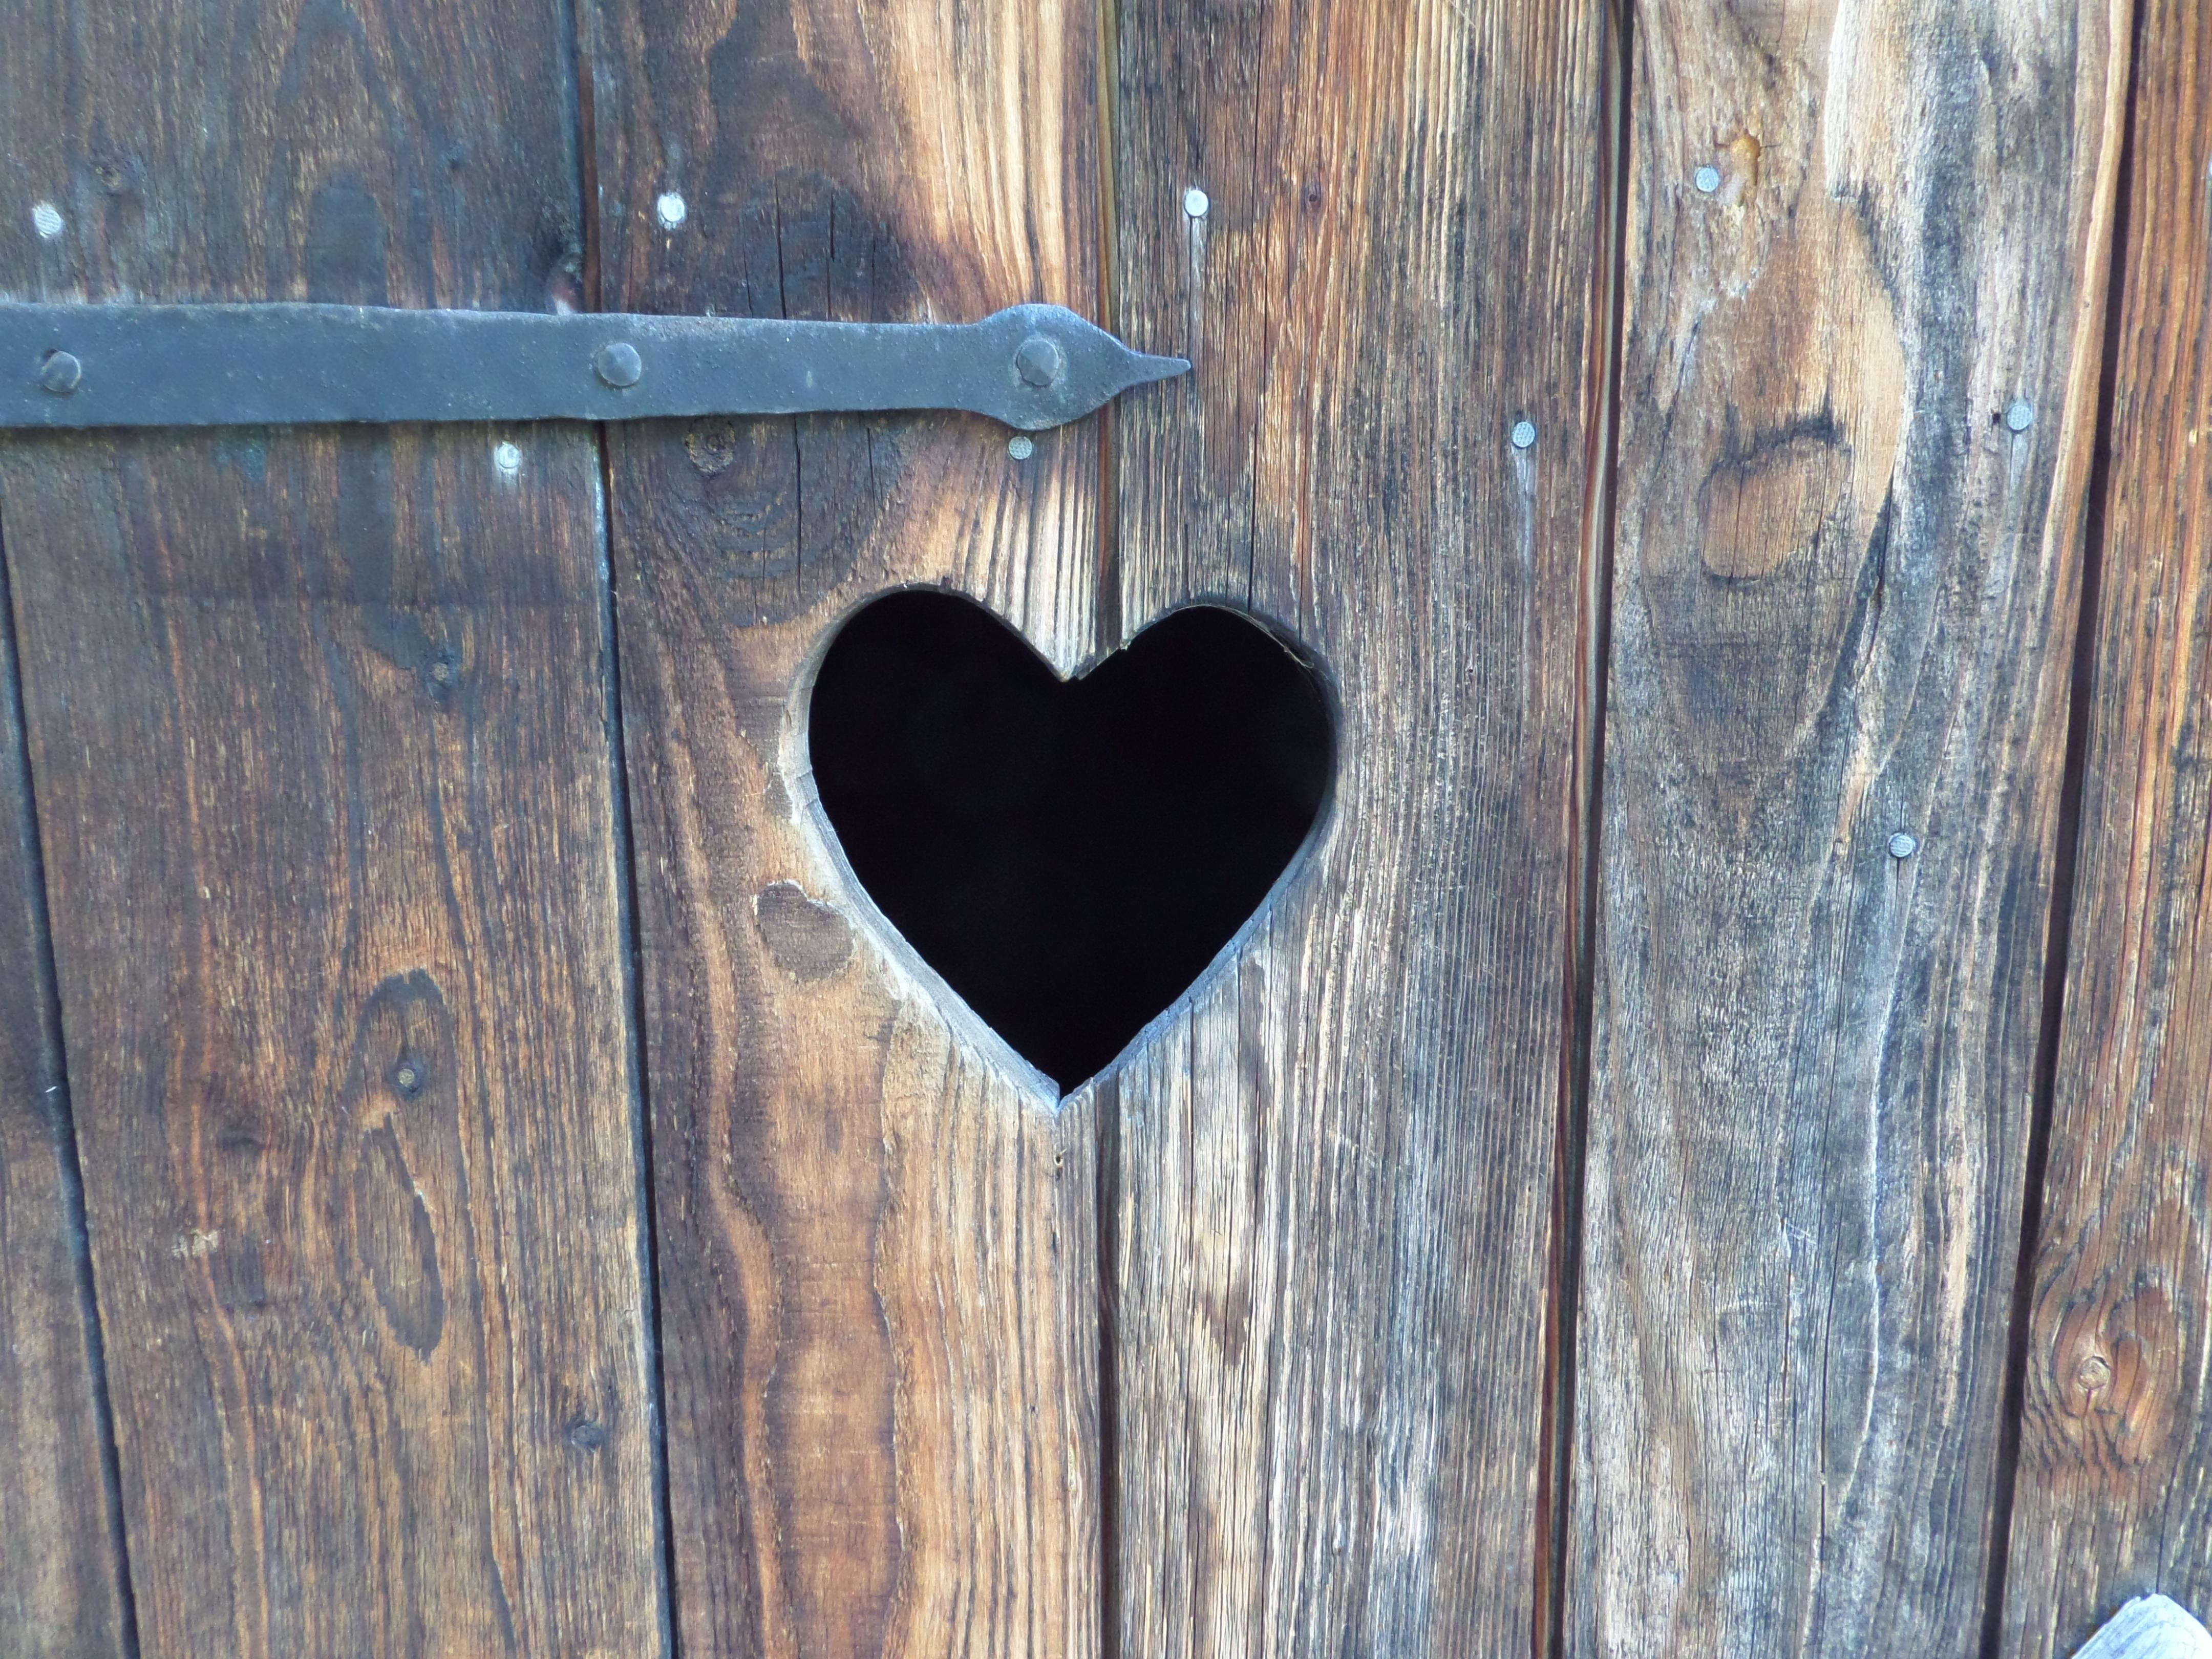 Kostenlose foto : Holz, Dorf, Herz, blau, Möbel, Tür, Ruhe und ...